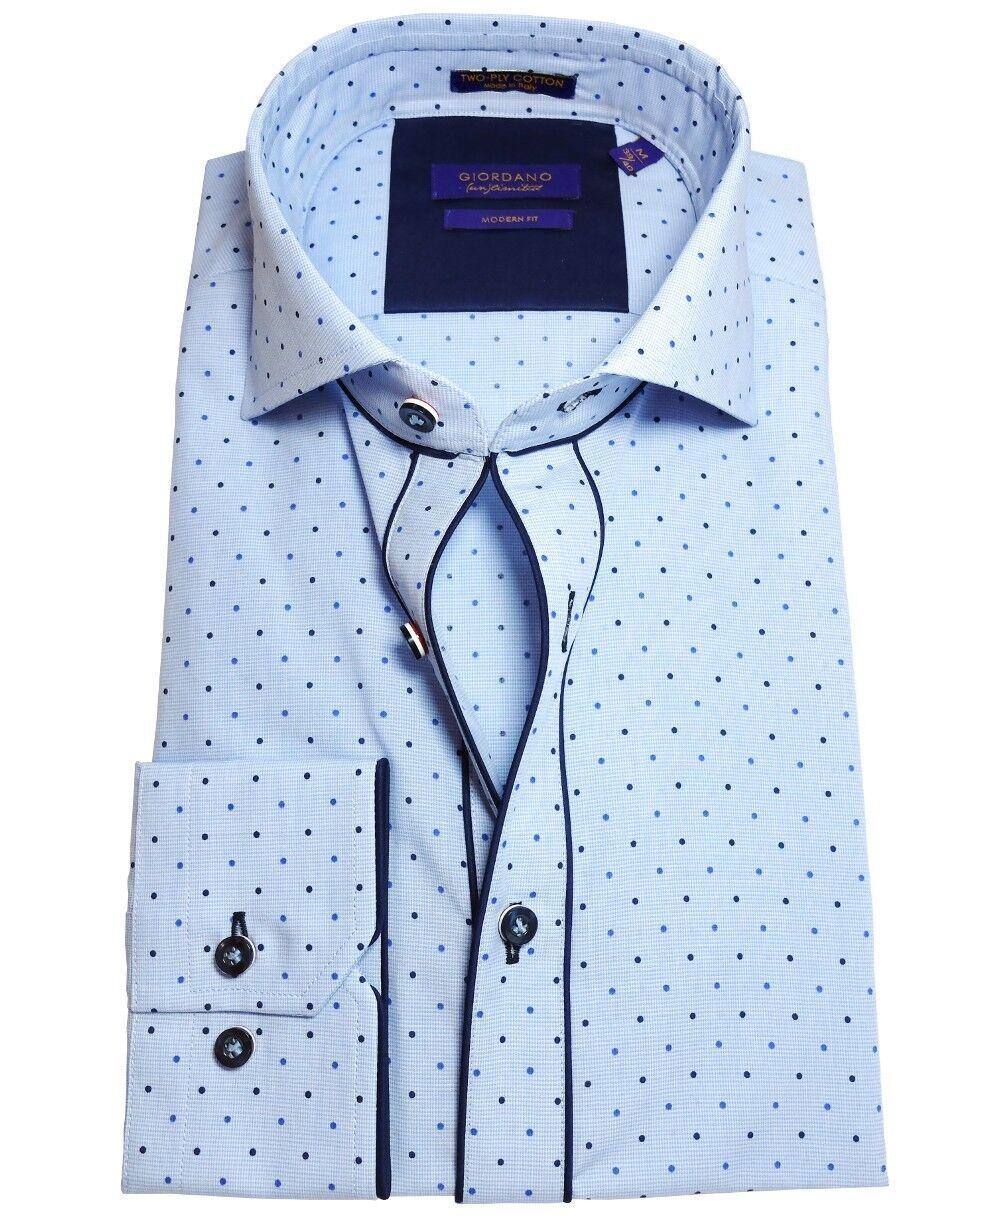 Giordano Modern Fit Langarmhemd in hellblau Punktdessin blau Gr. M und XL